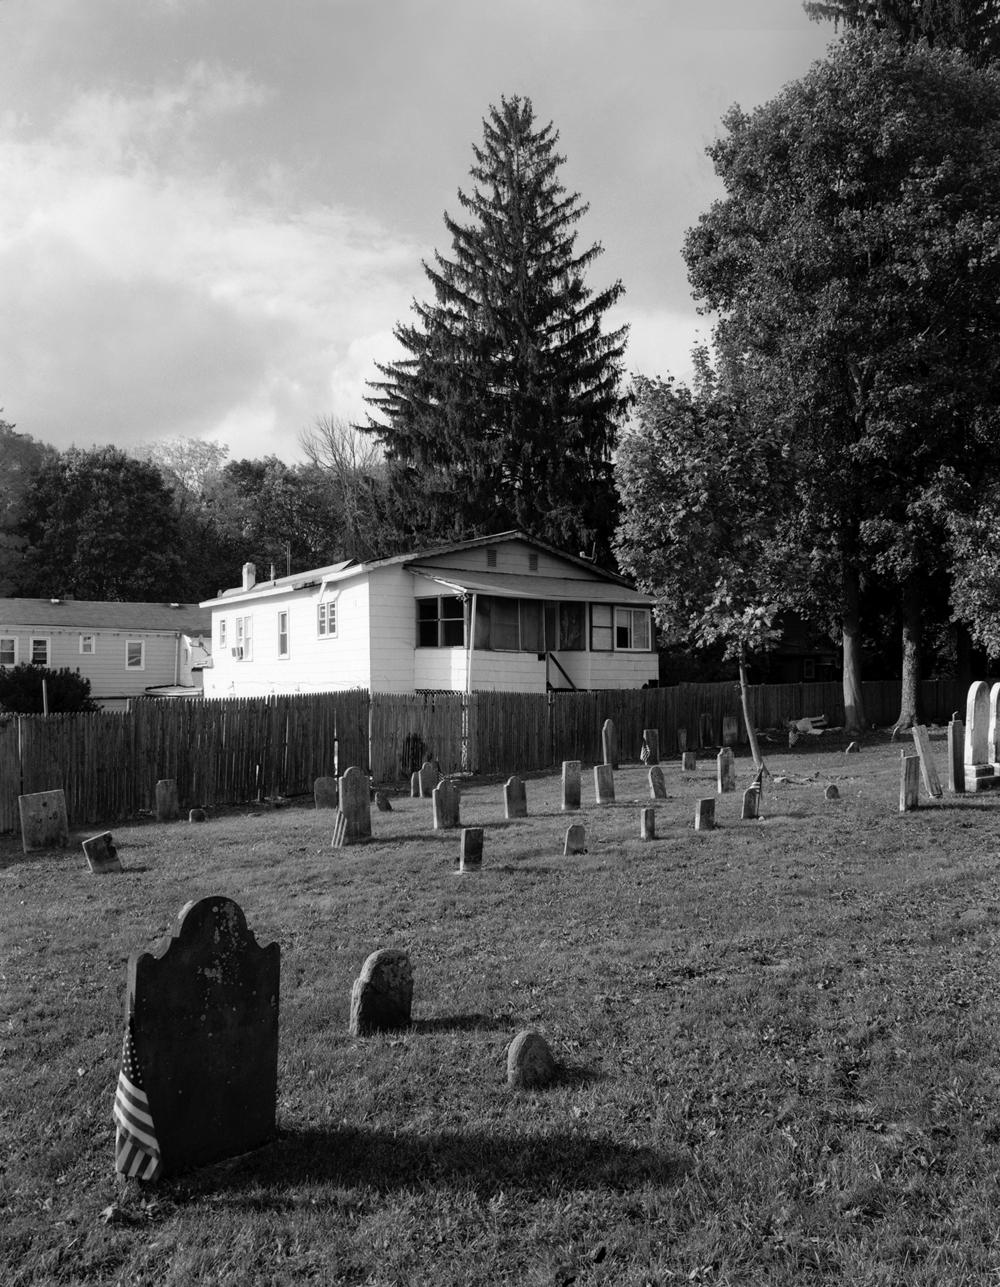 4x5_CementeryHaus_SITE.jpg